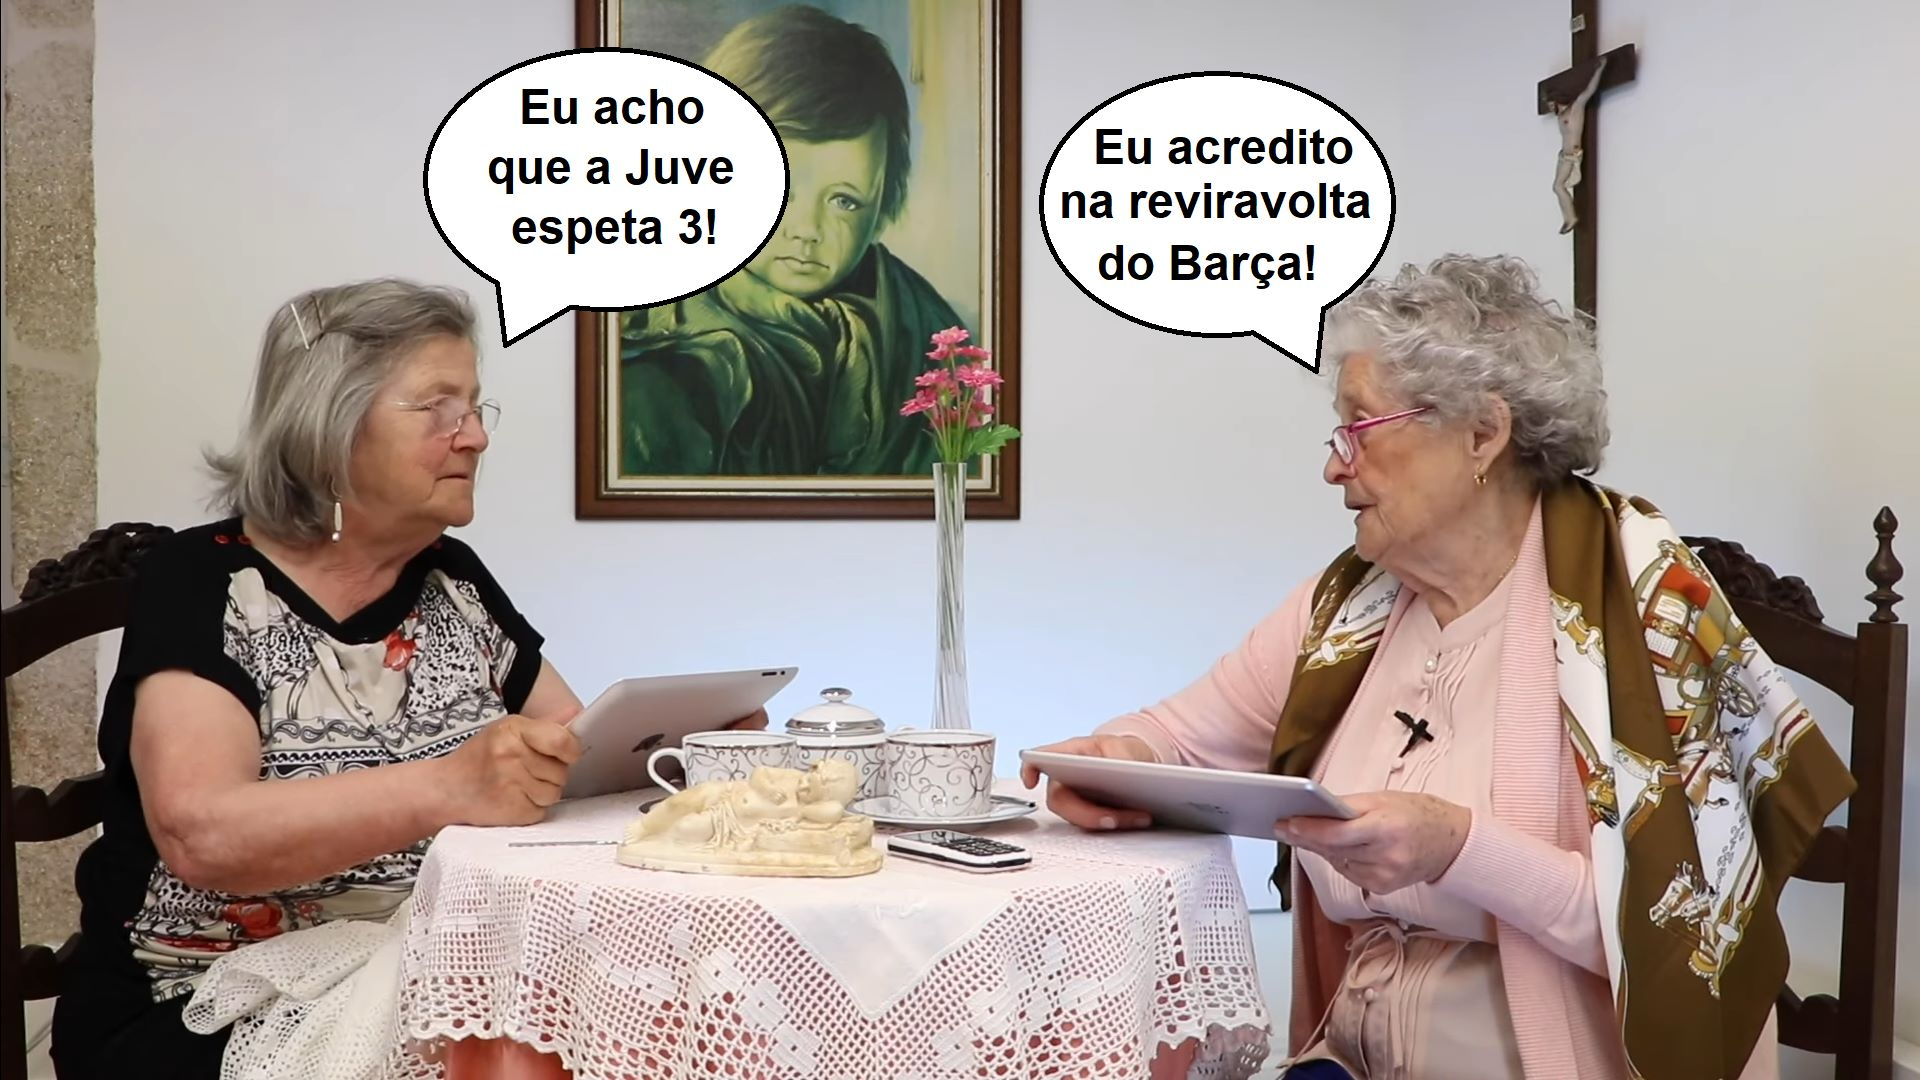 diario-pr-brasil-jogo3-avozinhas